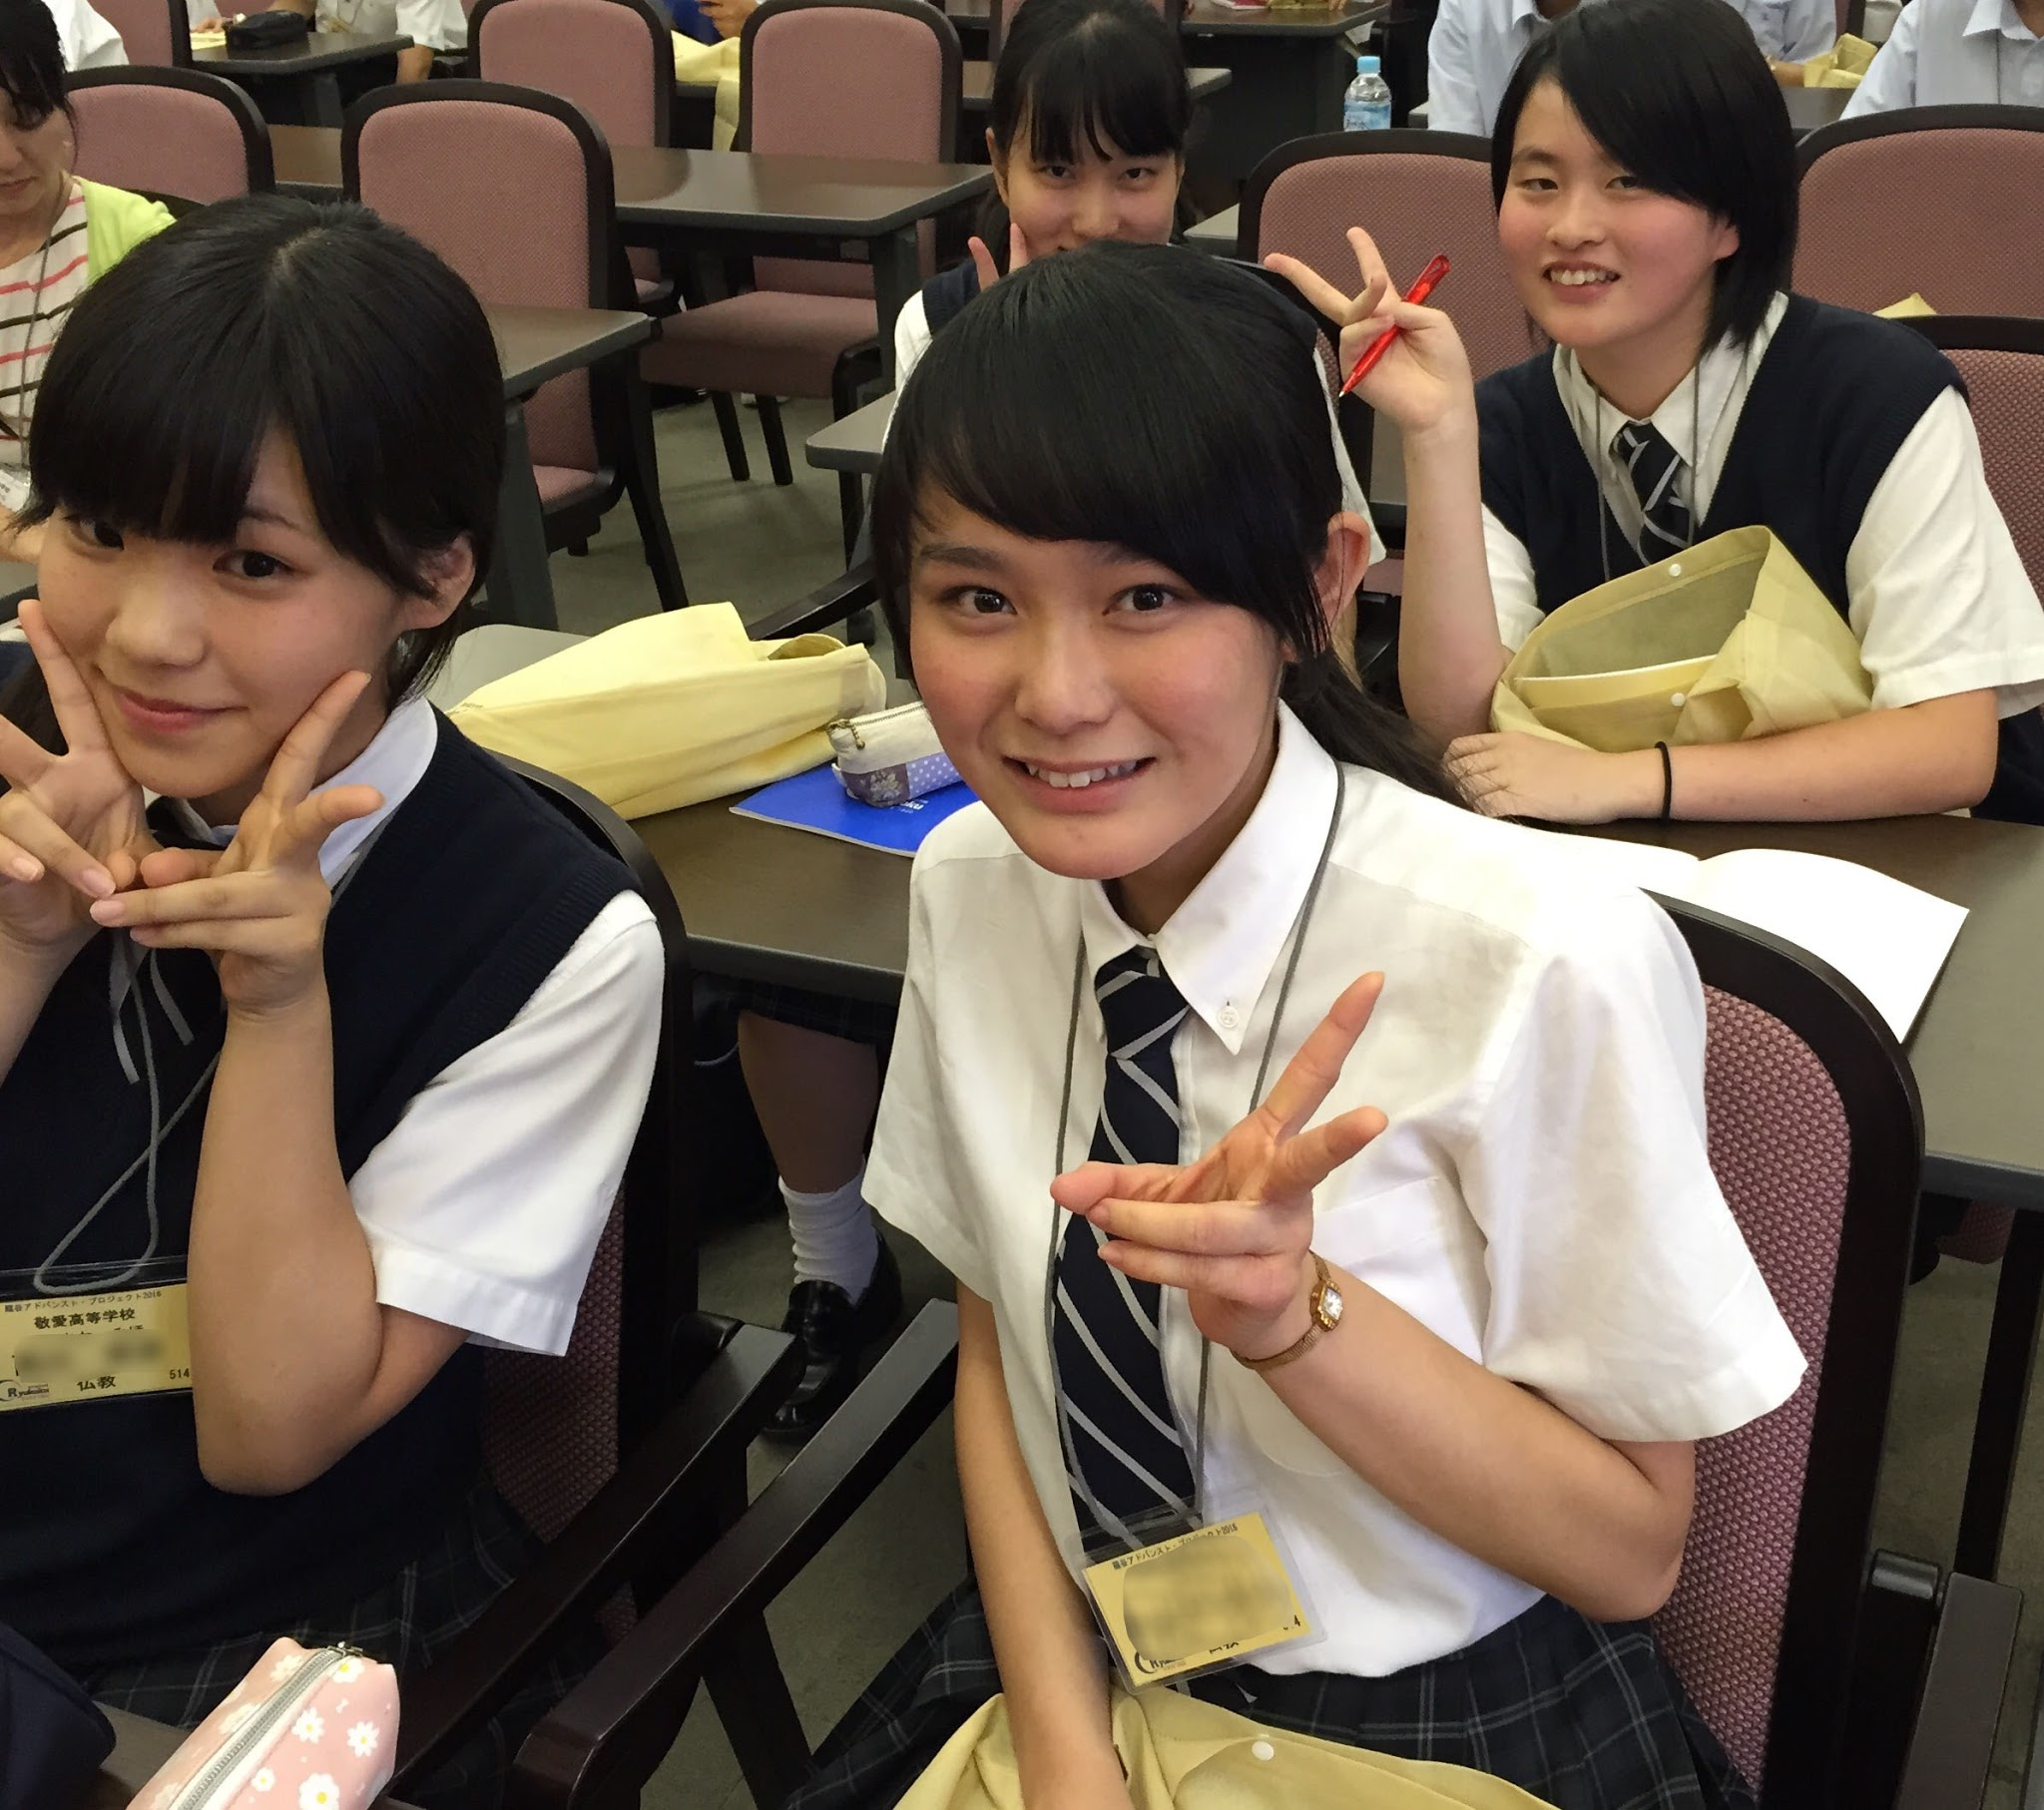 そそる集合写真19 [無断転載禁止]©bbspink.comYouTube動画>1本 ->画像>1019枚